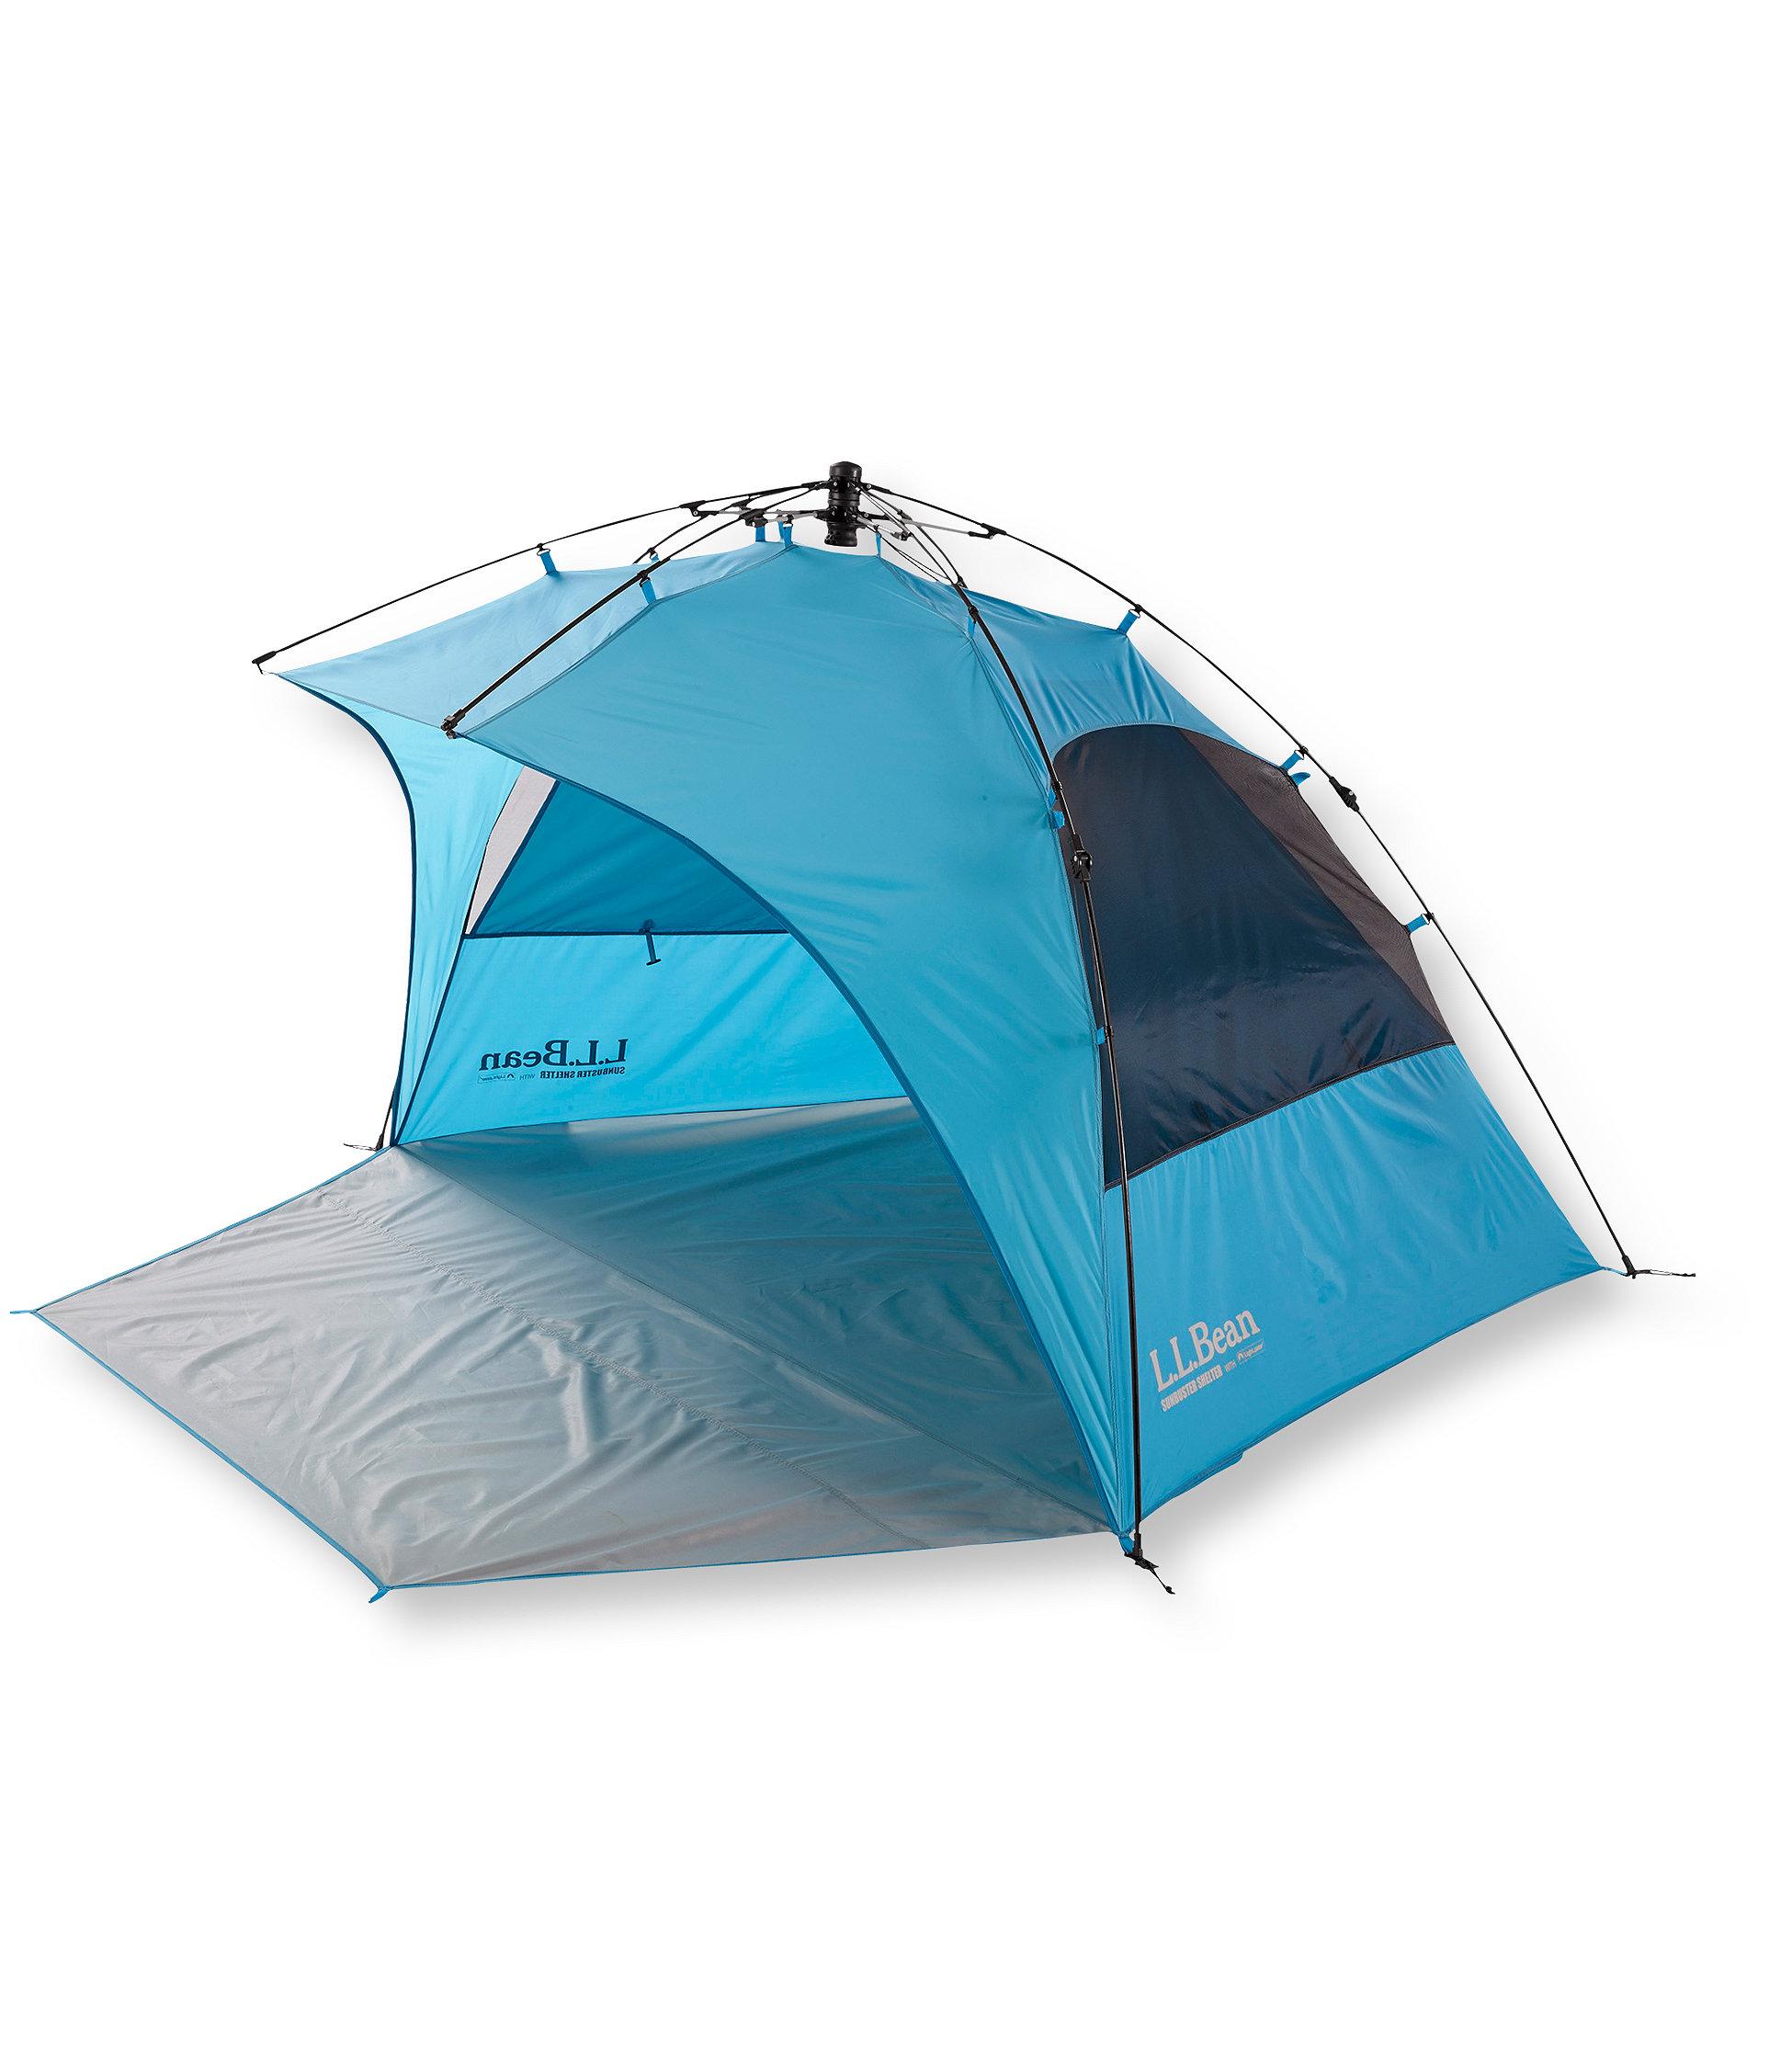 L.L.Bean Sunbuster Folding Shelter